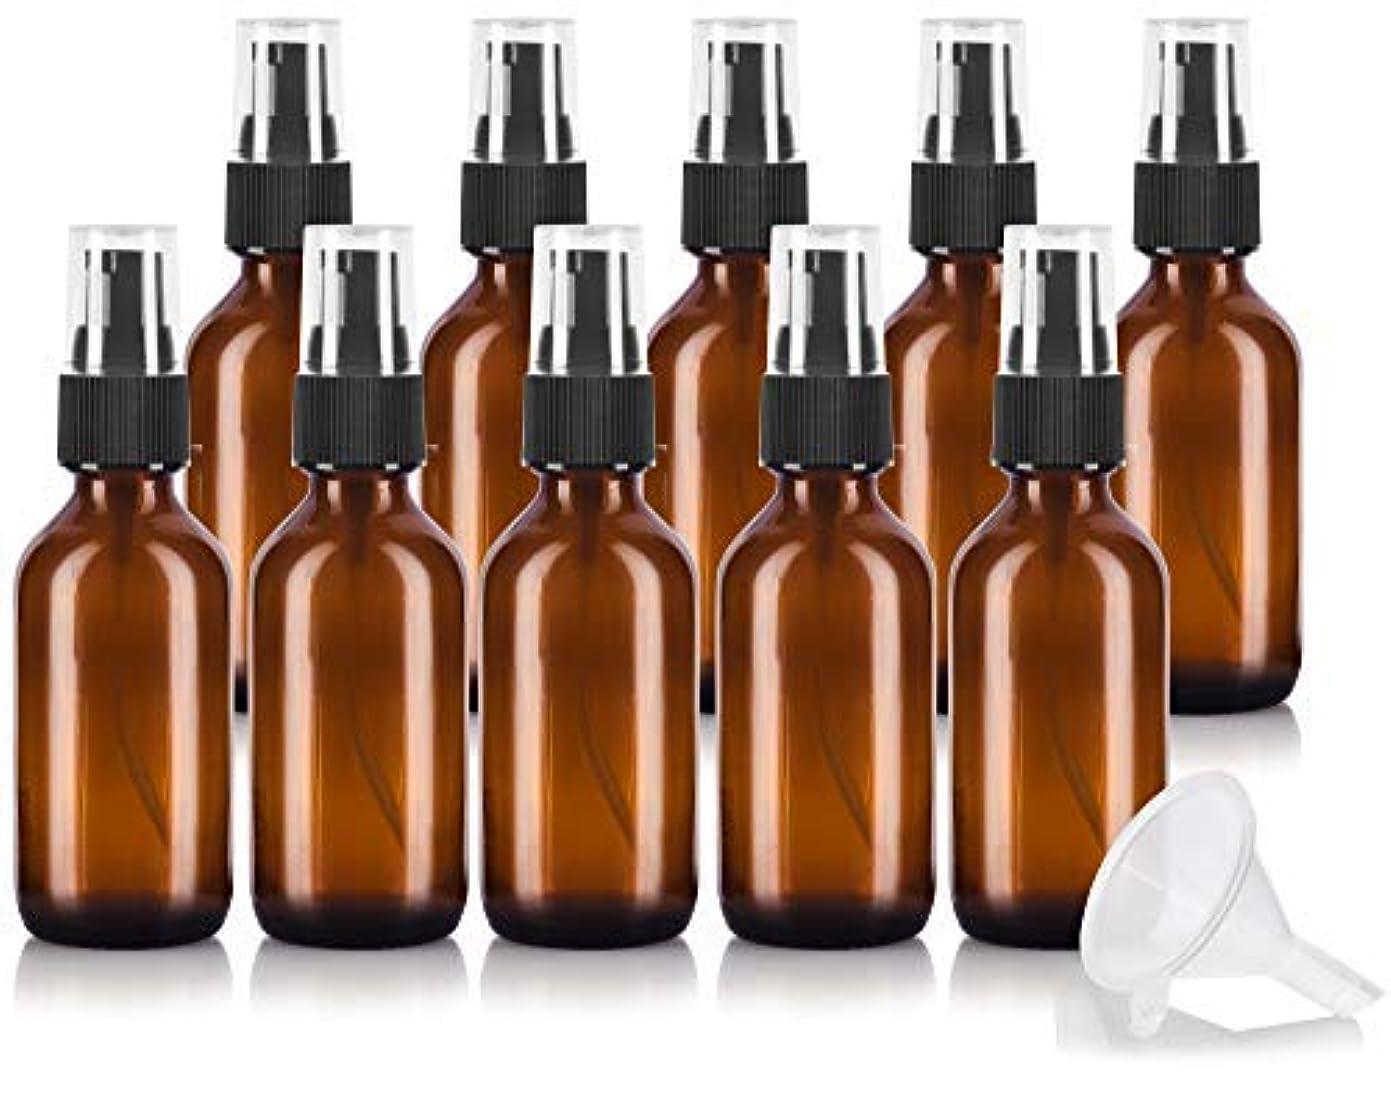 スラダム縫い目木製2 oz Amber Glass Boston Round Treatment Pump Bottle (10 pack) + Funnel and Labels for essential oils, aromatherapy, food grade, bpa free [並行輸入品]